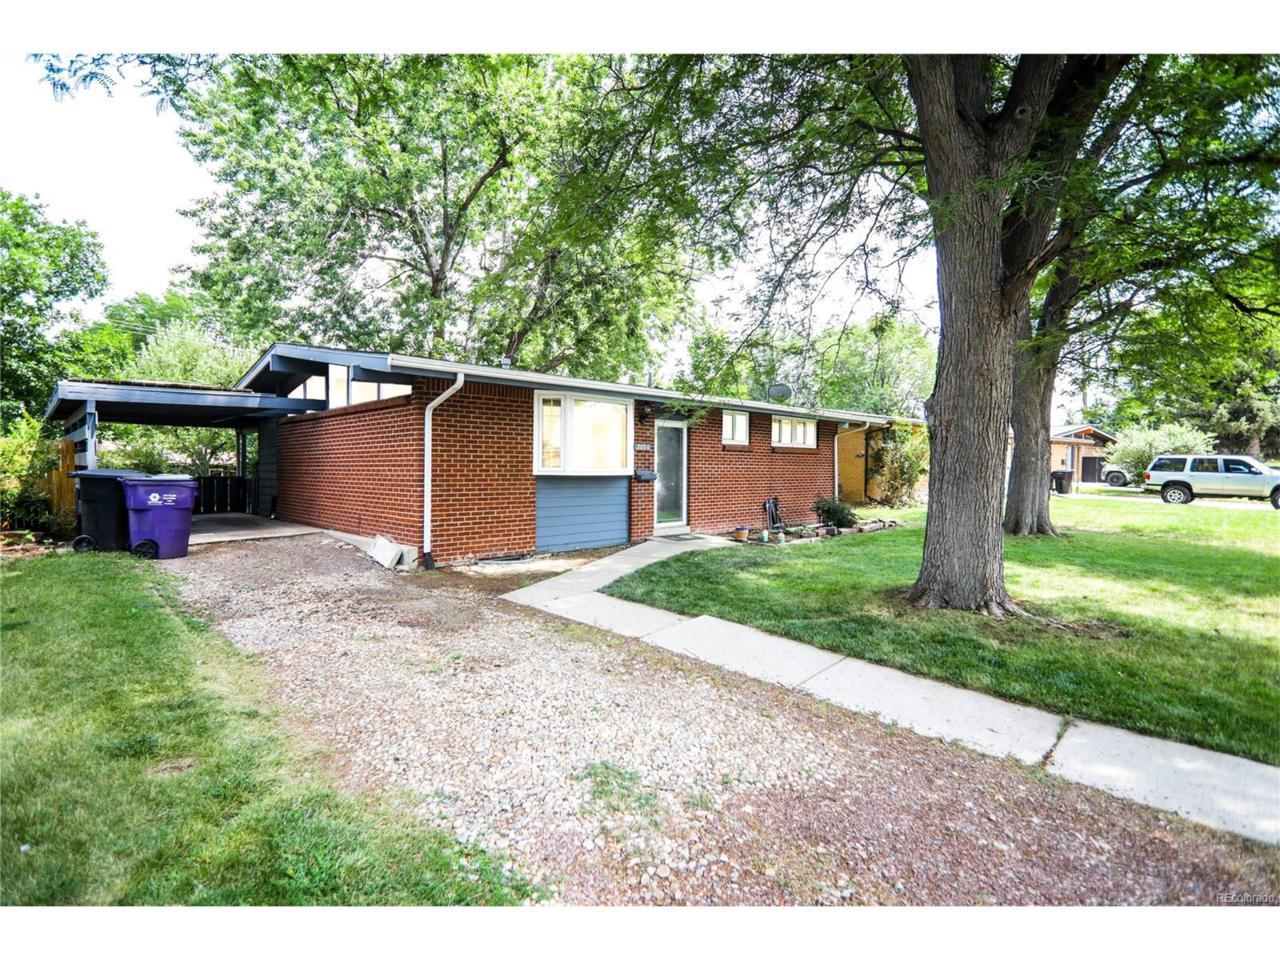 2056 S Vrain Street, Denver, CO 80219 (MLS #3989535) :: 8z Real Estate